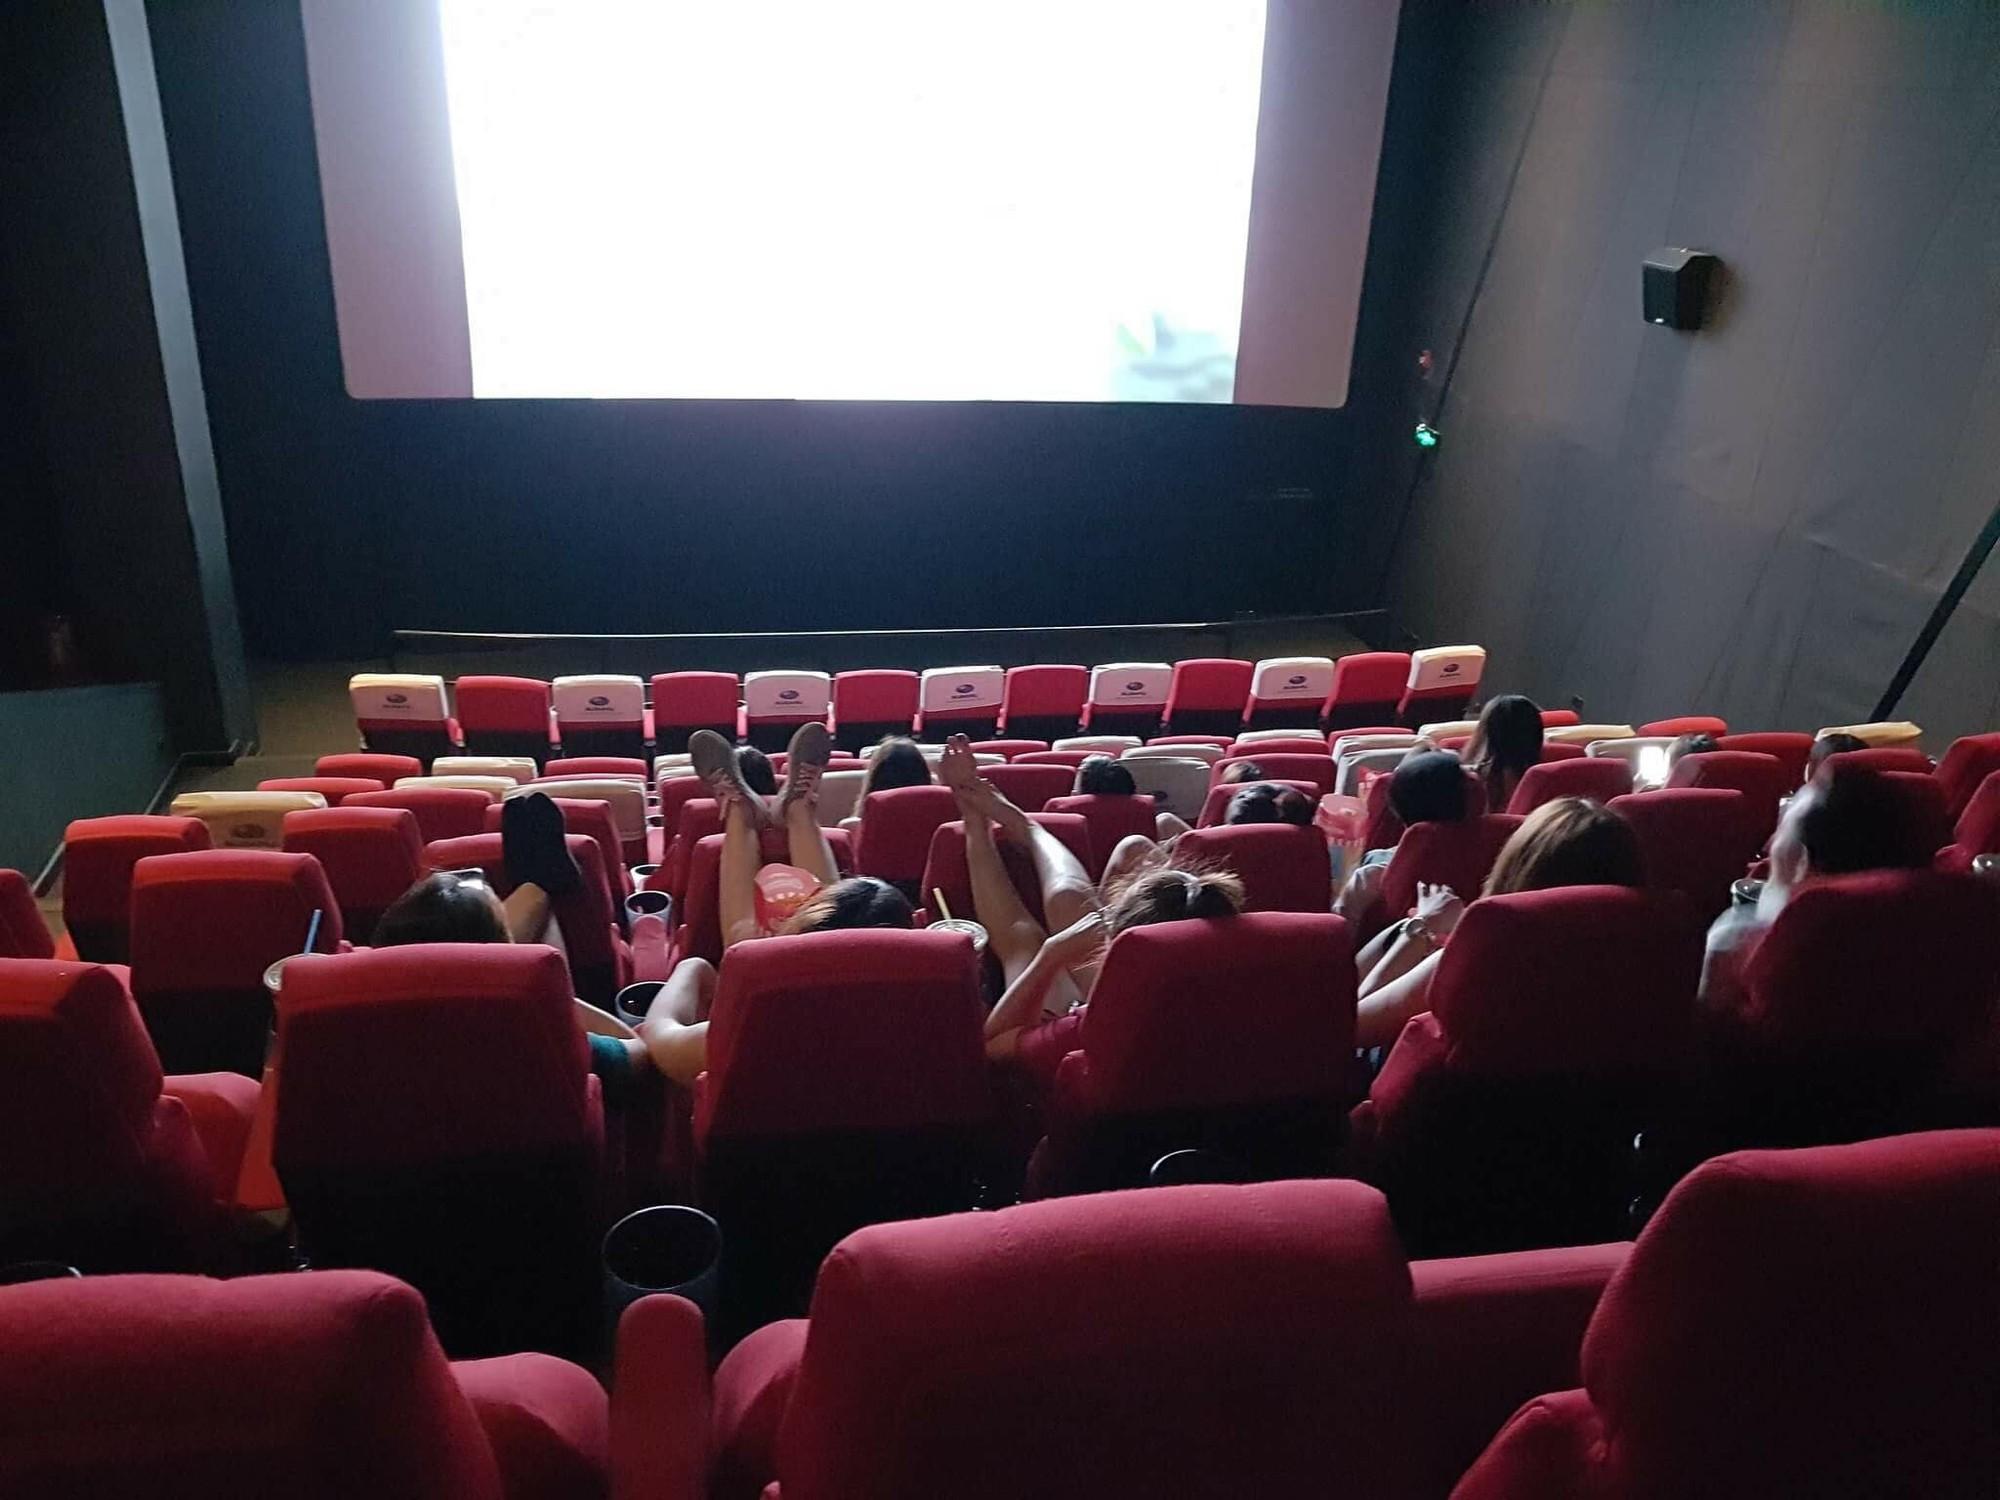 Khi câu chuyện ý thức trong rạp phim vẫn phải nói mãi: Xả rác, gác hẳn chân lên ghế trước và 'thân mật' như ở nhà, bao giờ mới hết? 8